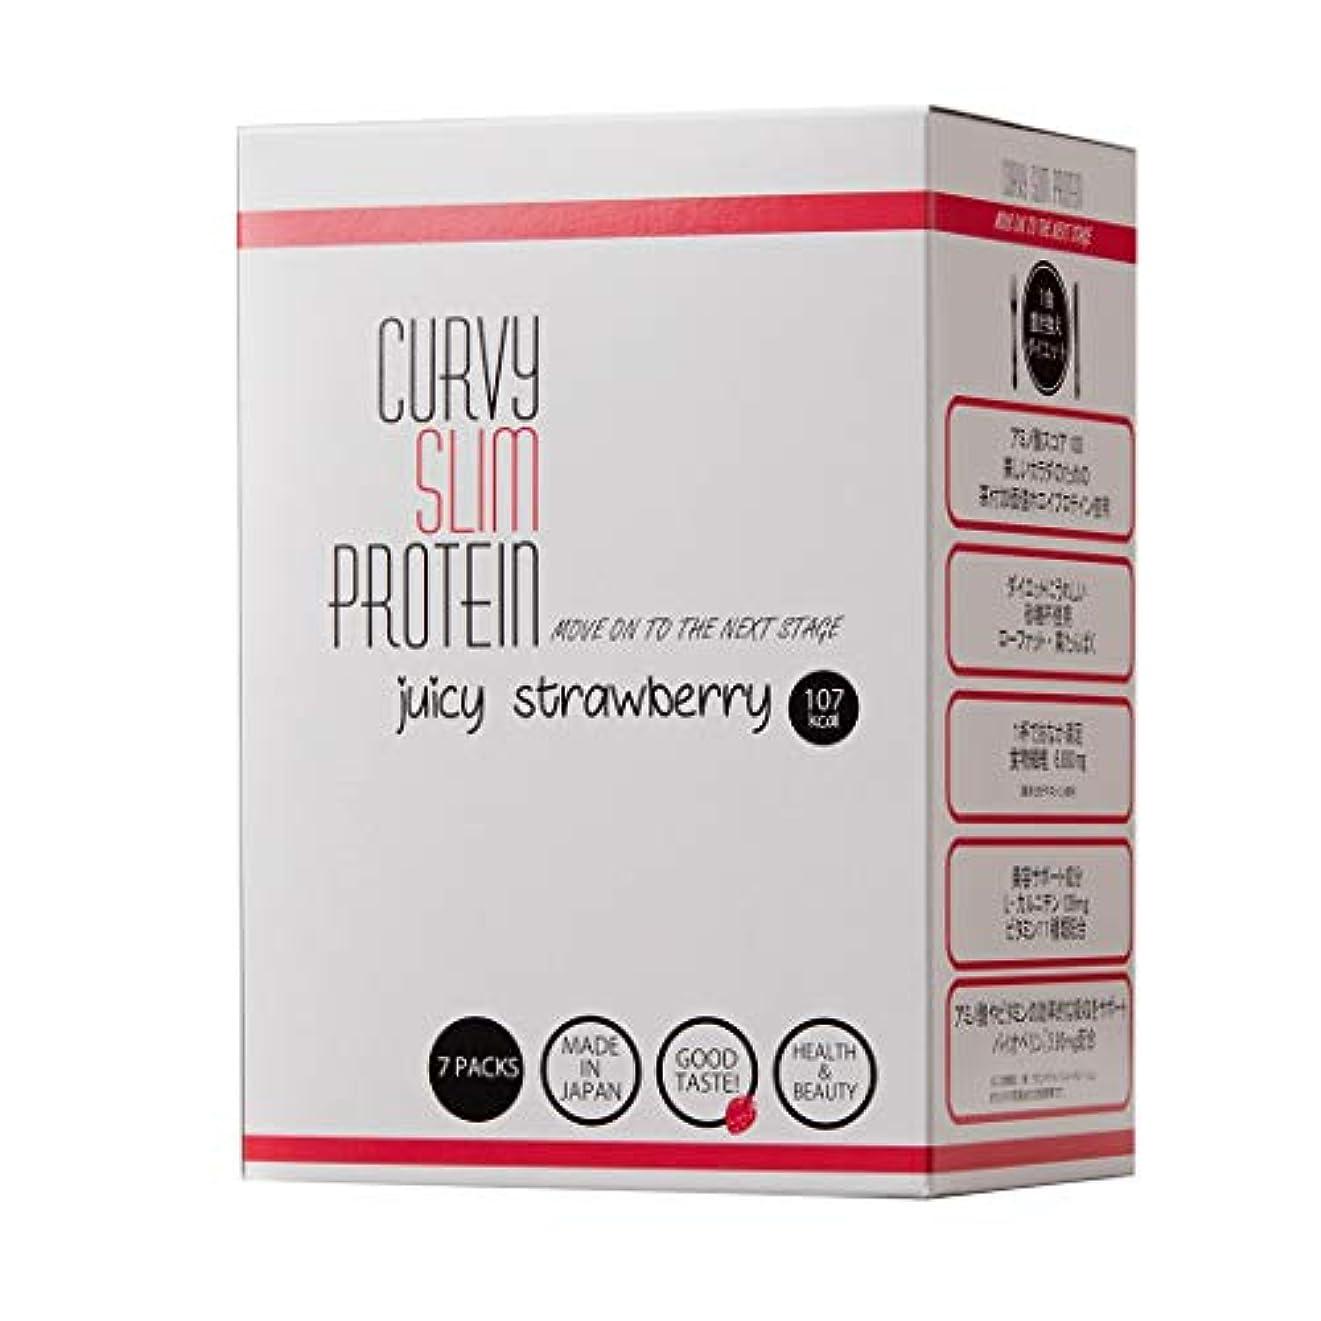 やりすぎ雪のサバントカーヴィースリム® プロテイン ジューシーストロベリー 置き換え ダイエット 7包(7食分)